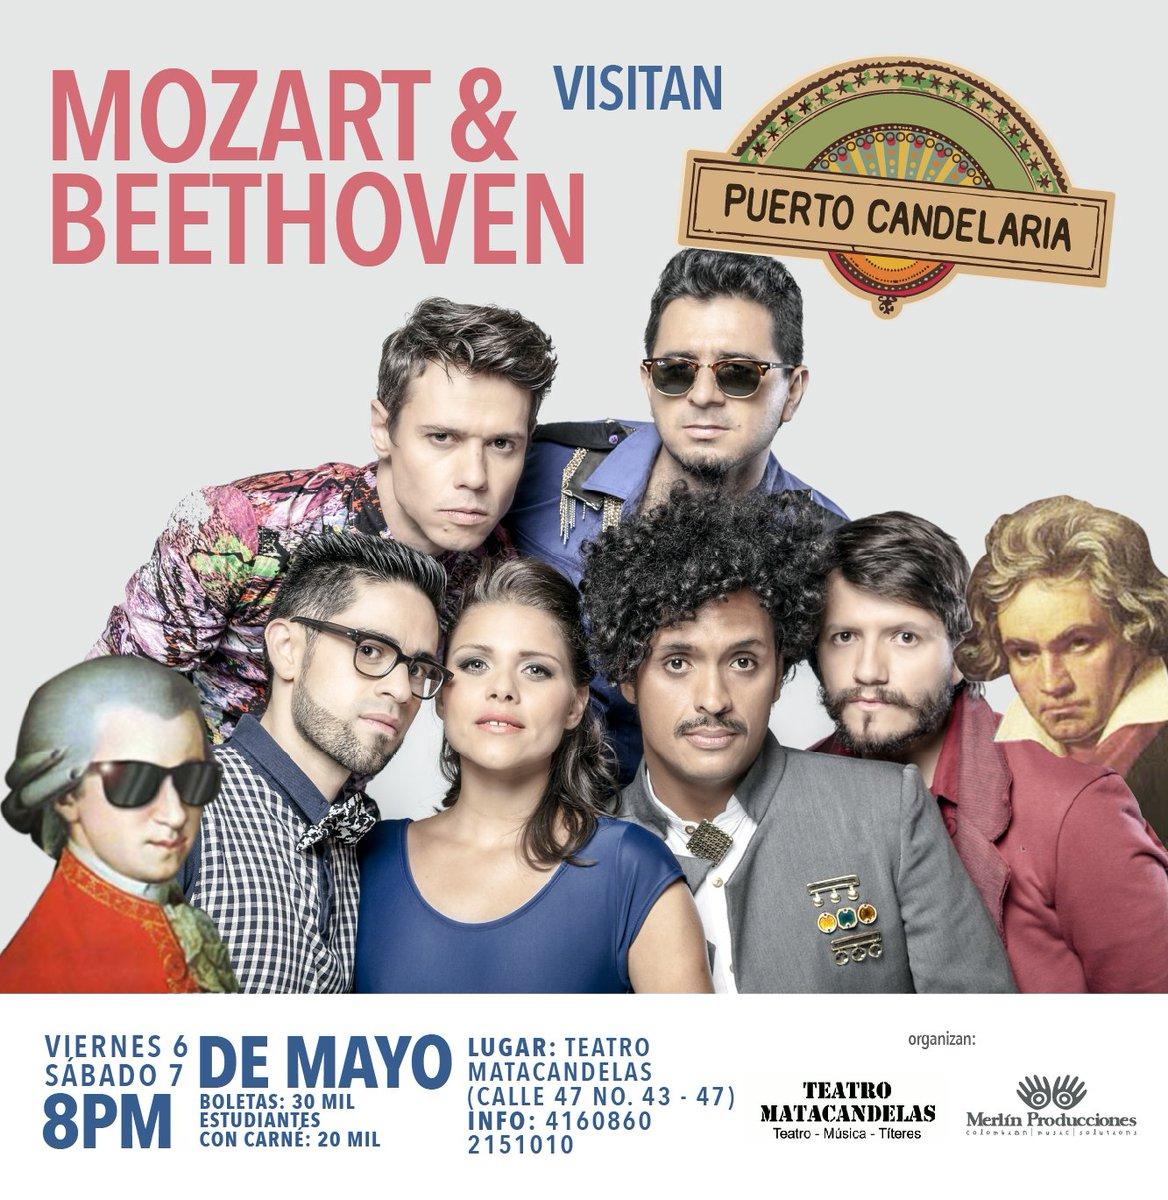 ¡El 6 y 7 de mayo las obras clásicas de Mozart y Beethoven tomarán otro color en el @matacandelas! https://t.co/VRNT6vgs0f